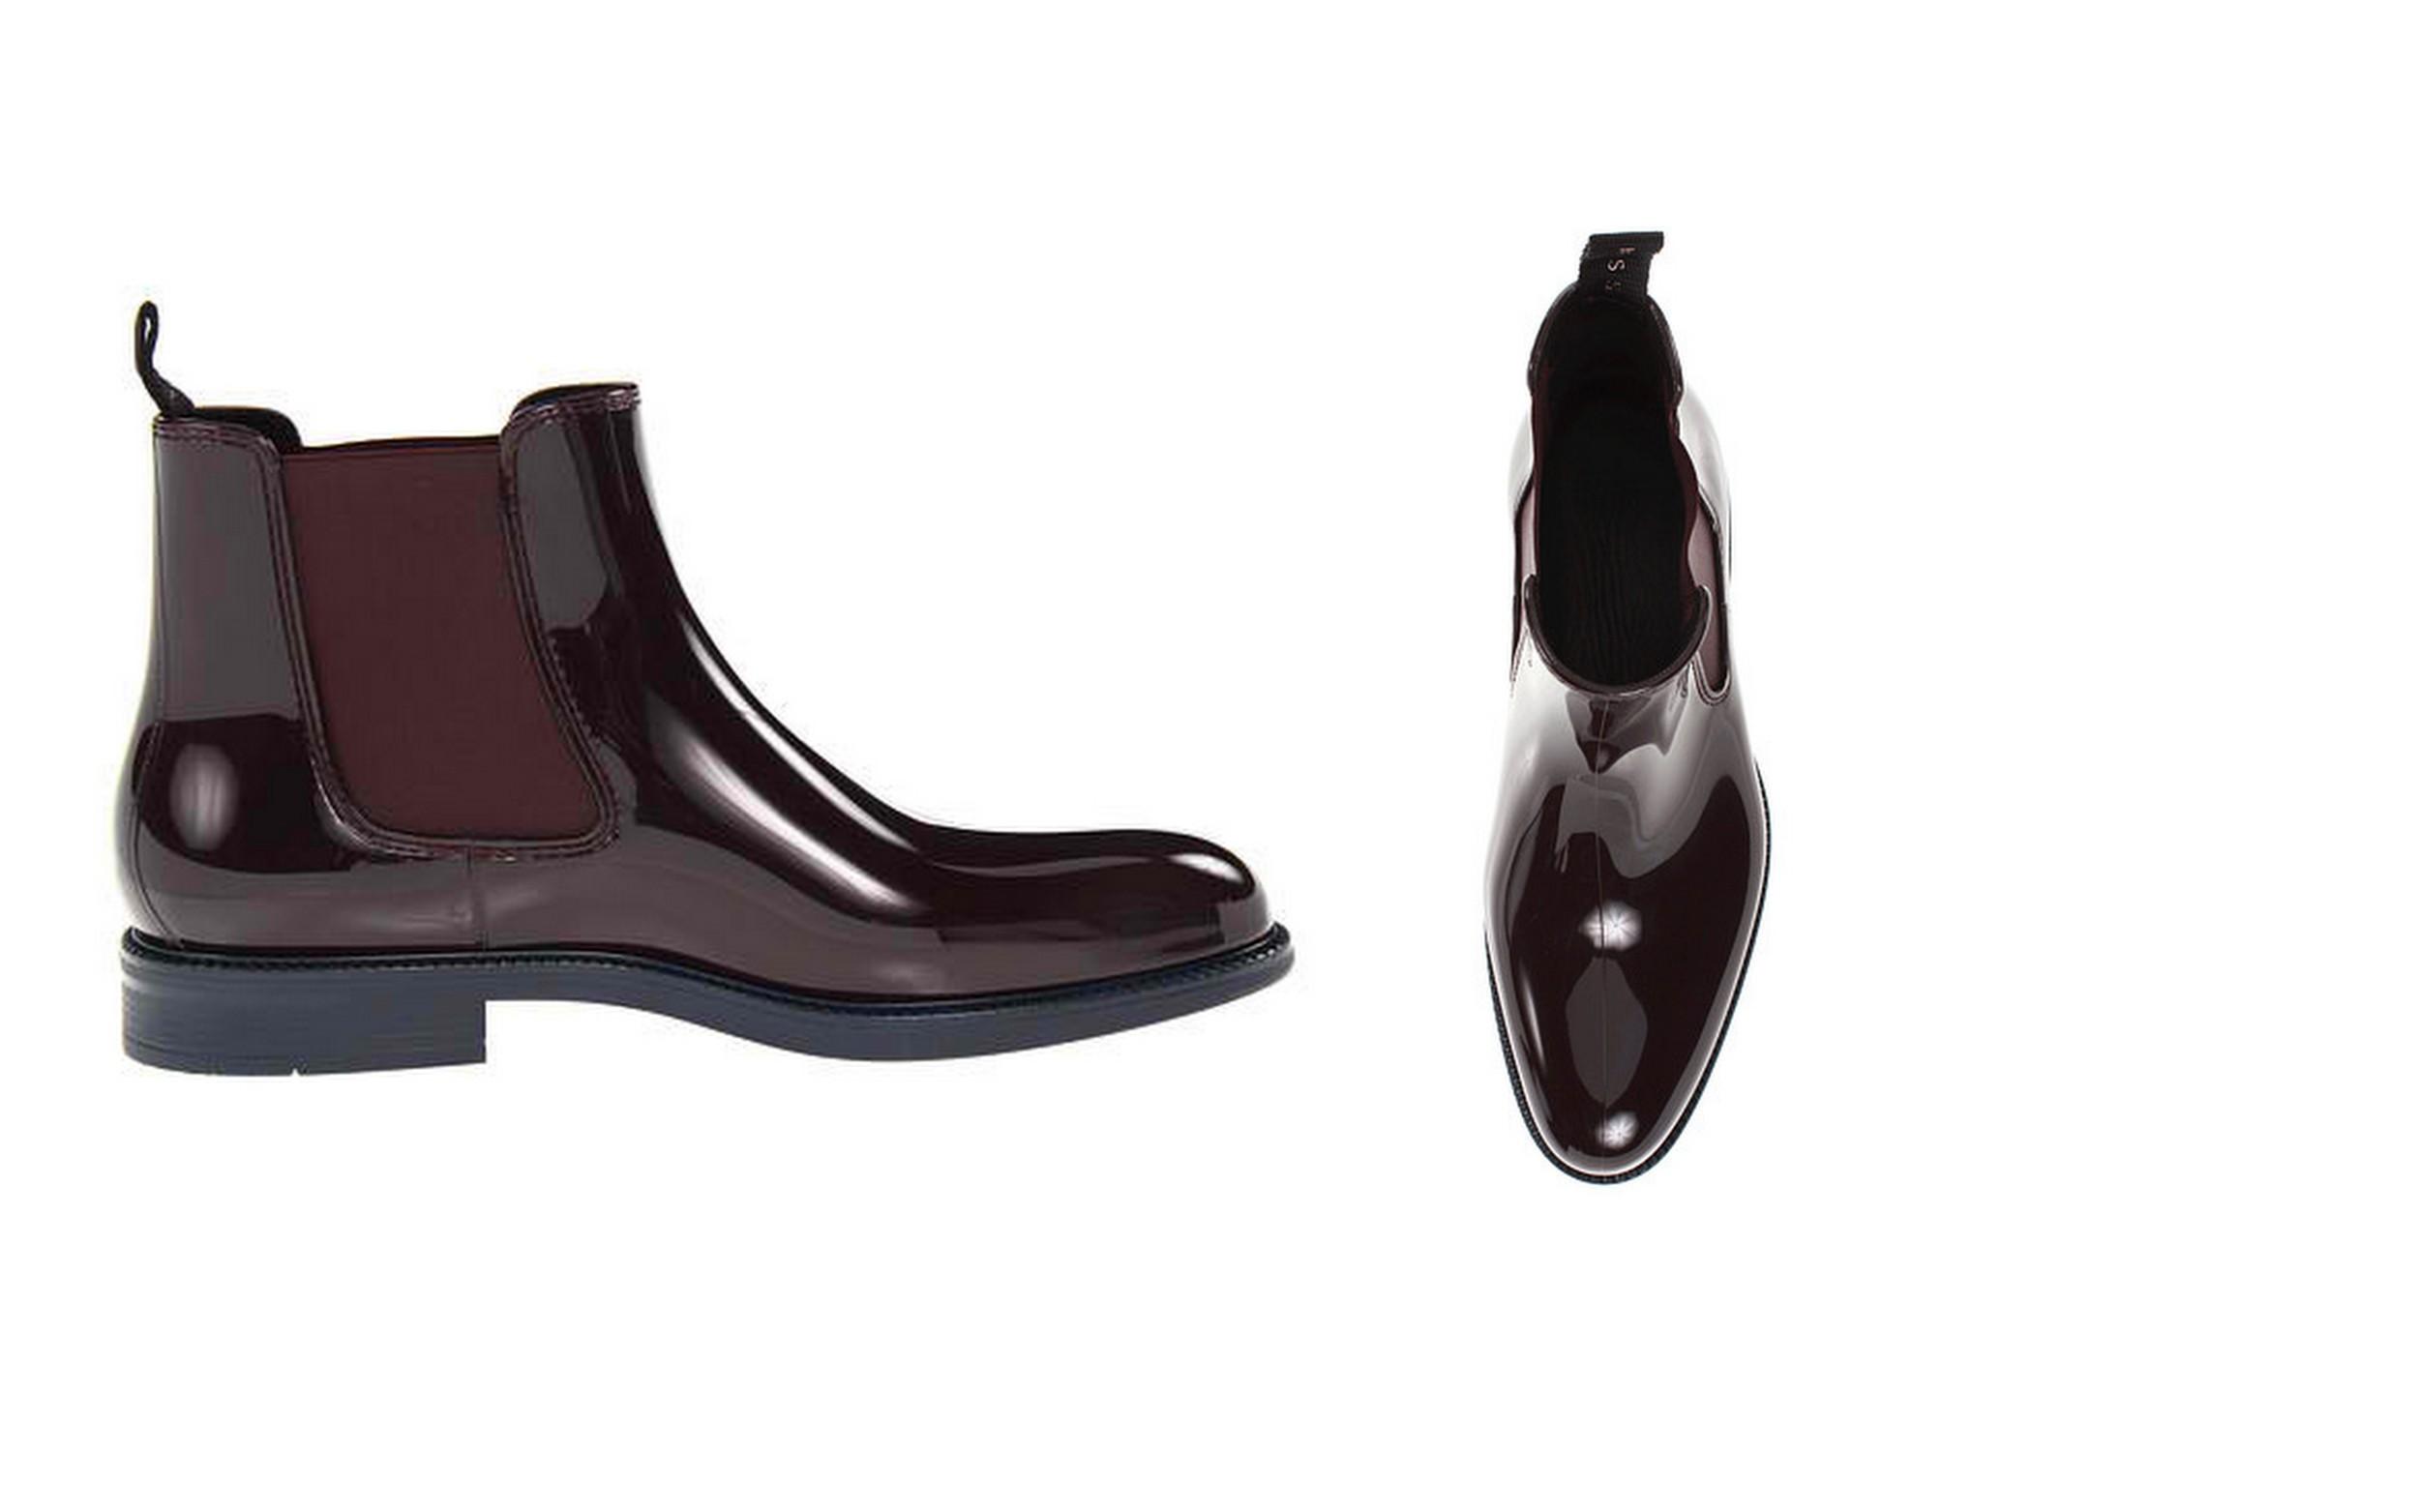 Waterproof dress shoes for men